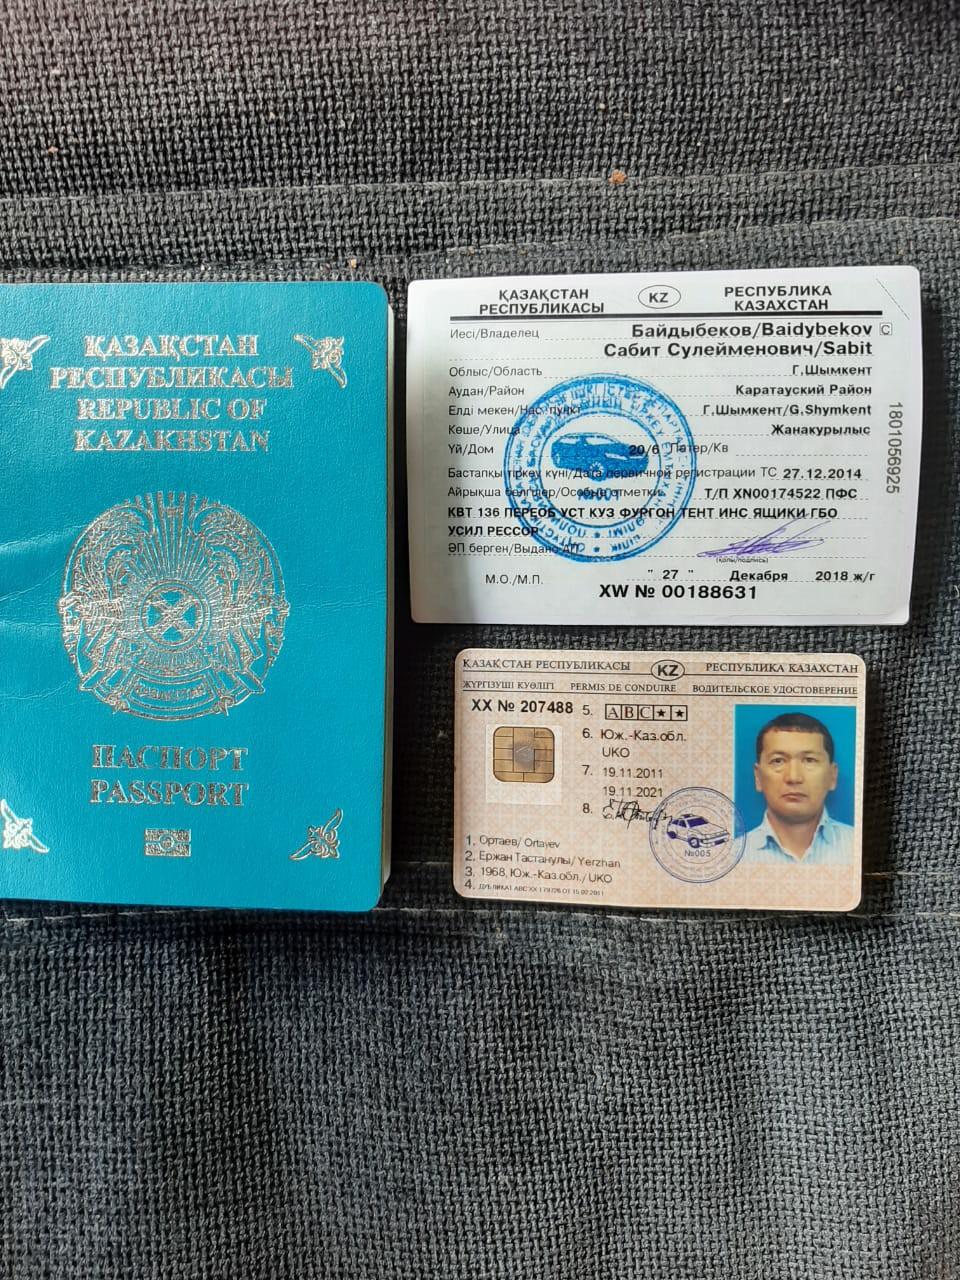 Ассалаумағалейкүм жігіттер права техпаспрт загран паспорт табылды танитындар болса жогалткан адам болса 87016782550 осы номер ге хабарласын баска да группага таратыныздаршы